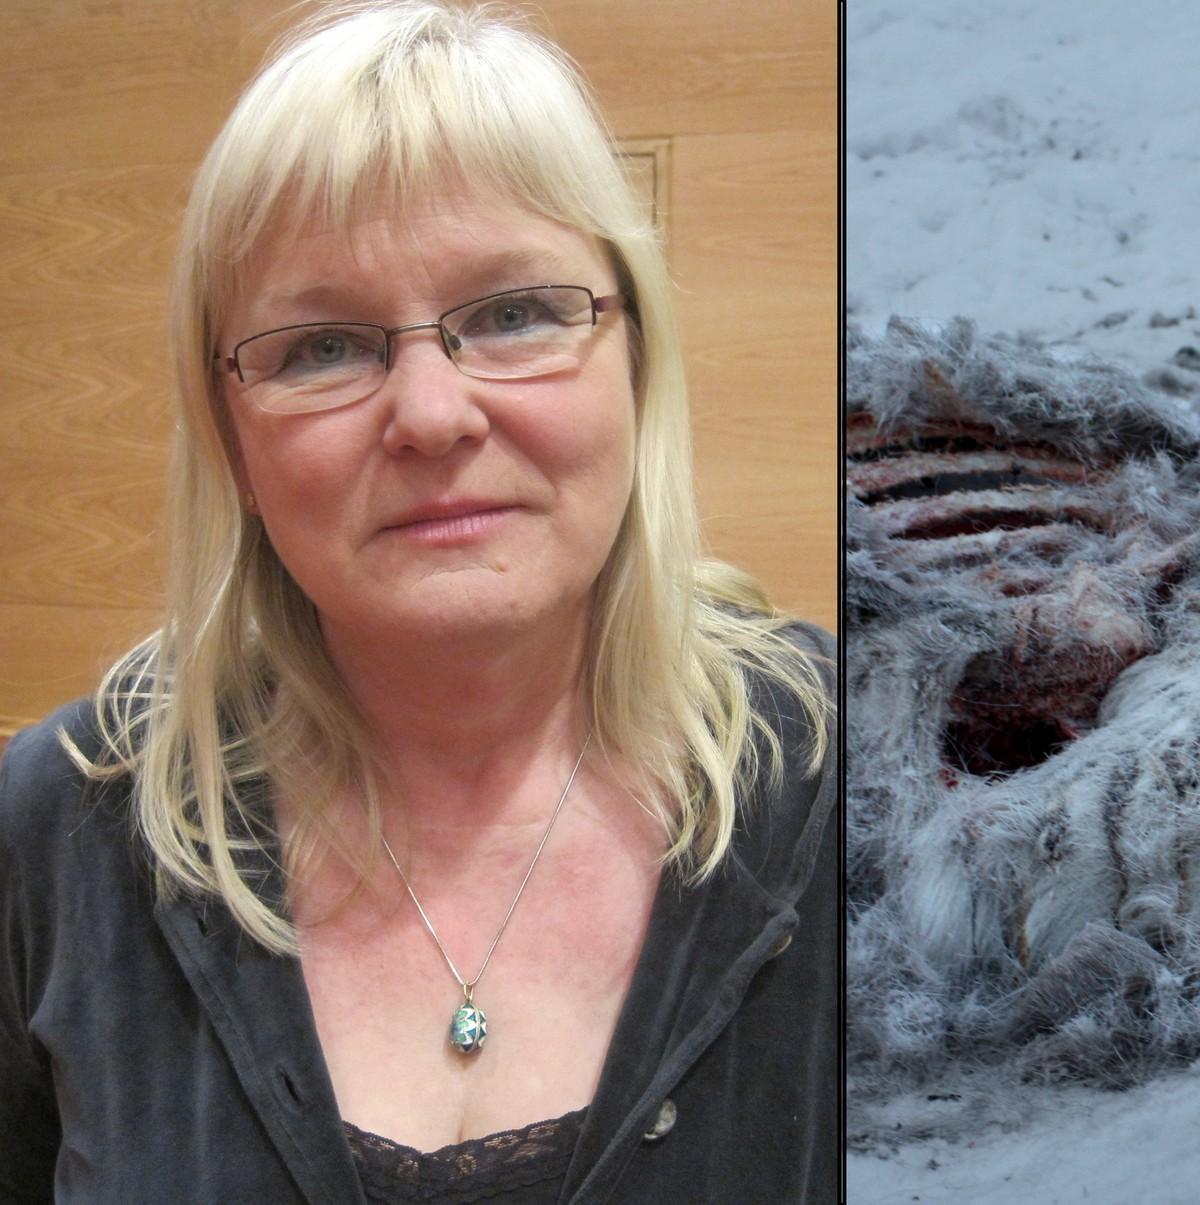 Reinkrisen Darlig Handtert Nrk Troms Og Finnmark Lokale Nyheter Tv Og Radio